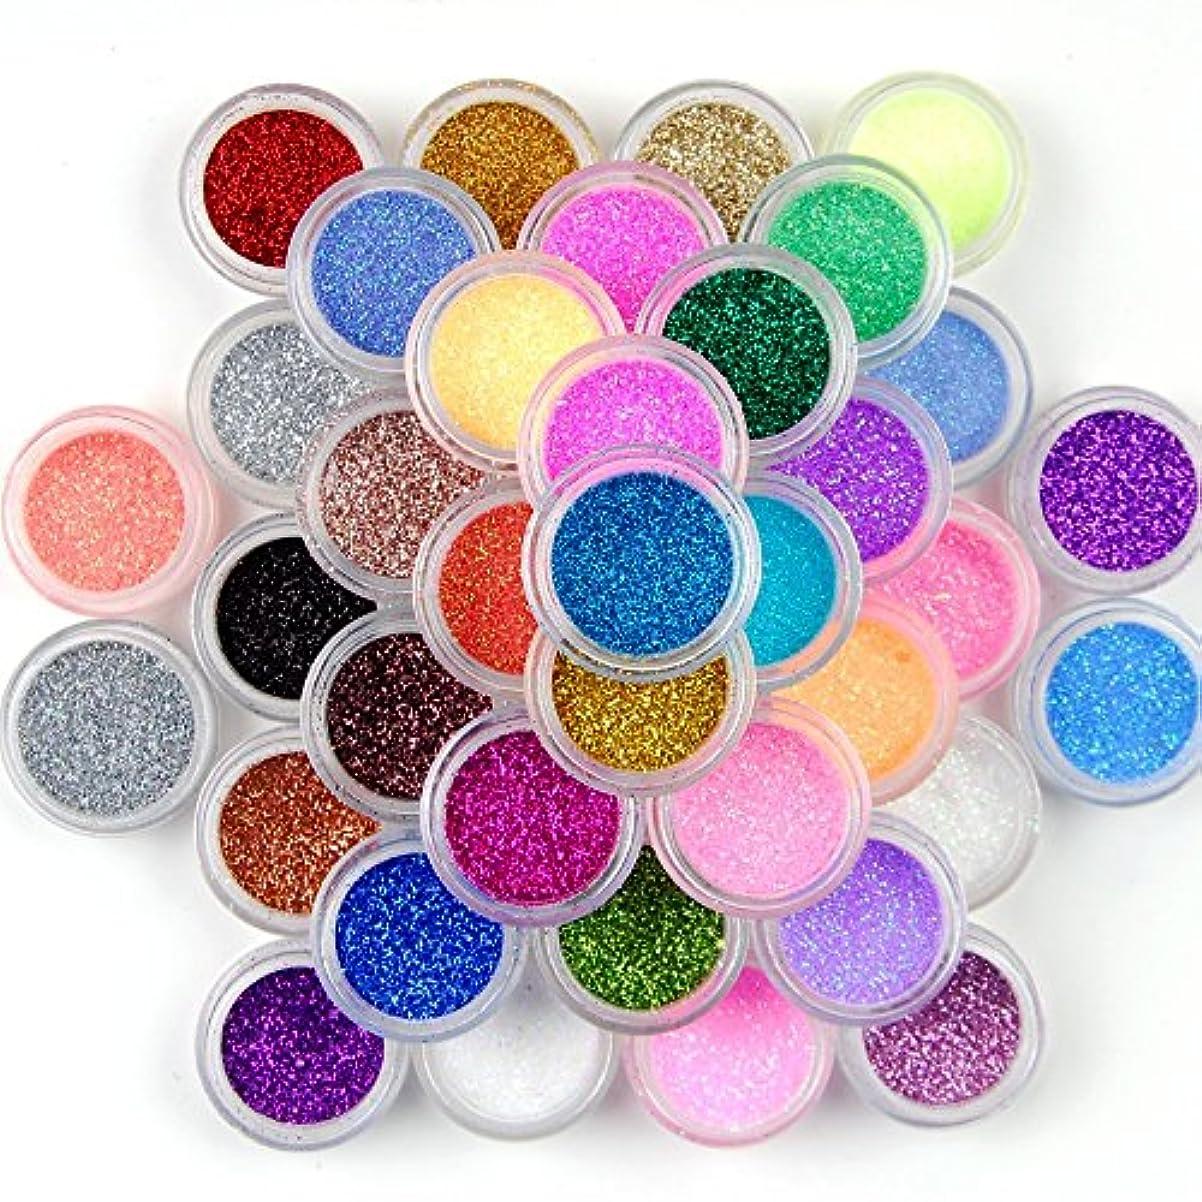 の間にラップ呼び出す12個ネイルアートDust Glitter Powder DIY装飾ヒント、色ランダム